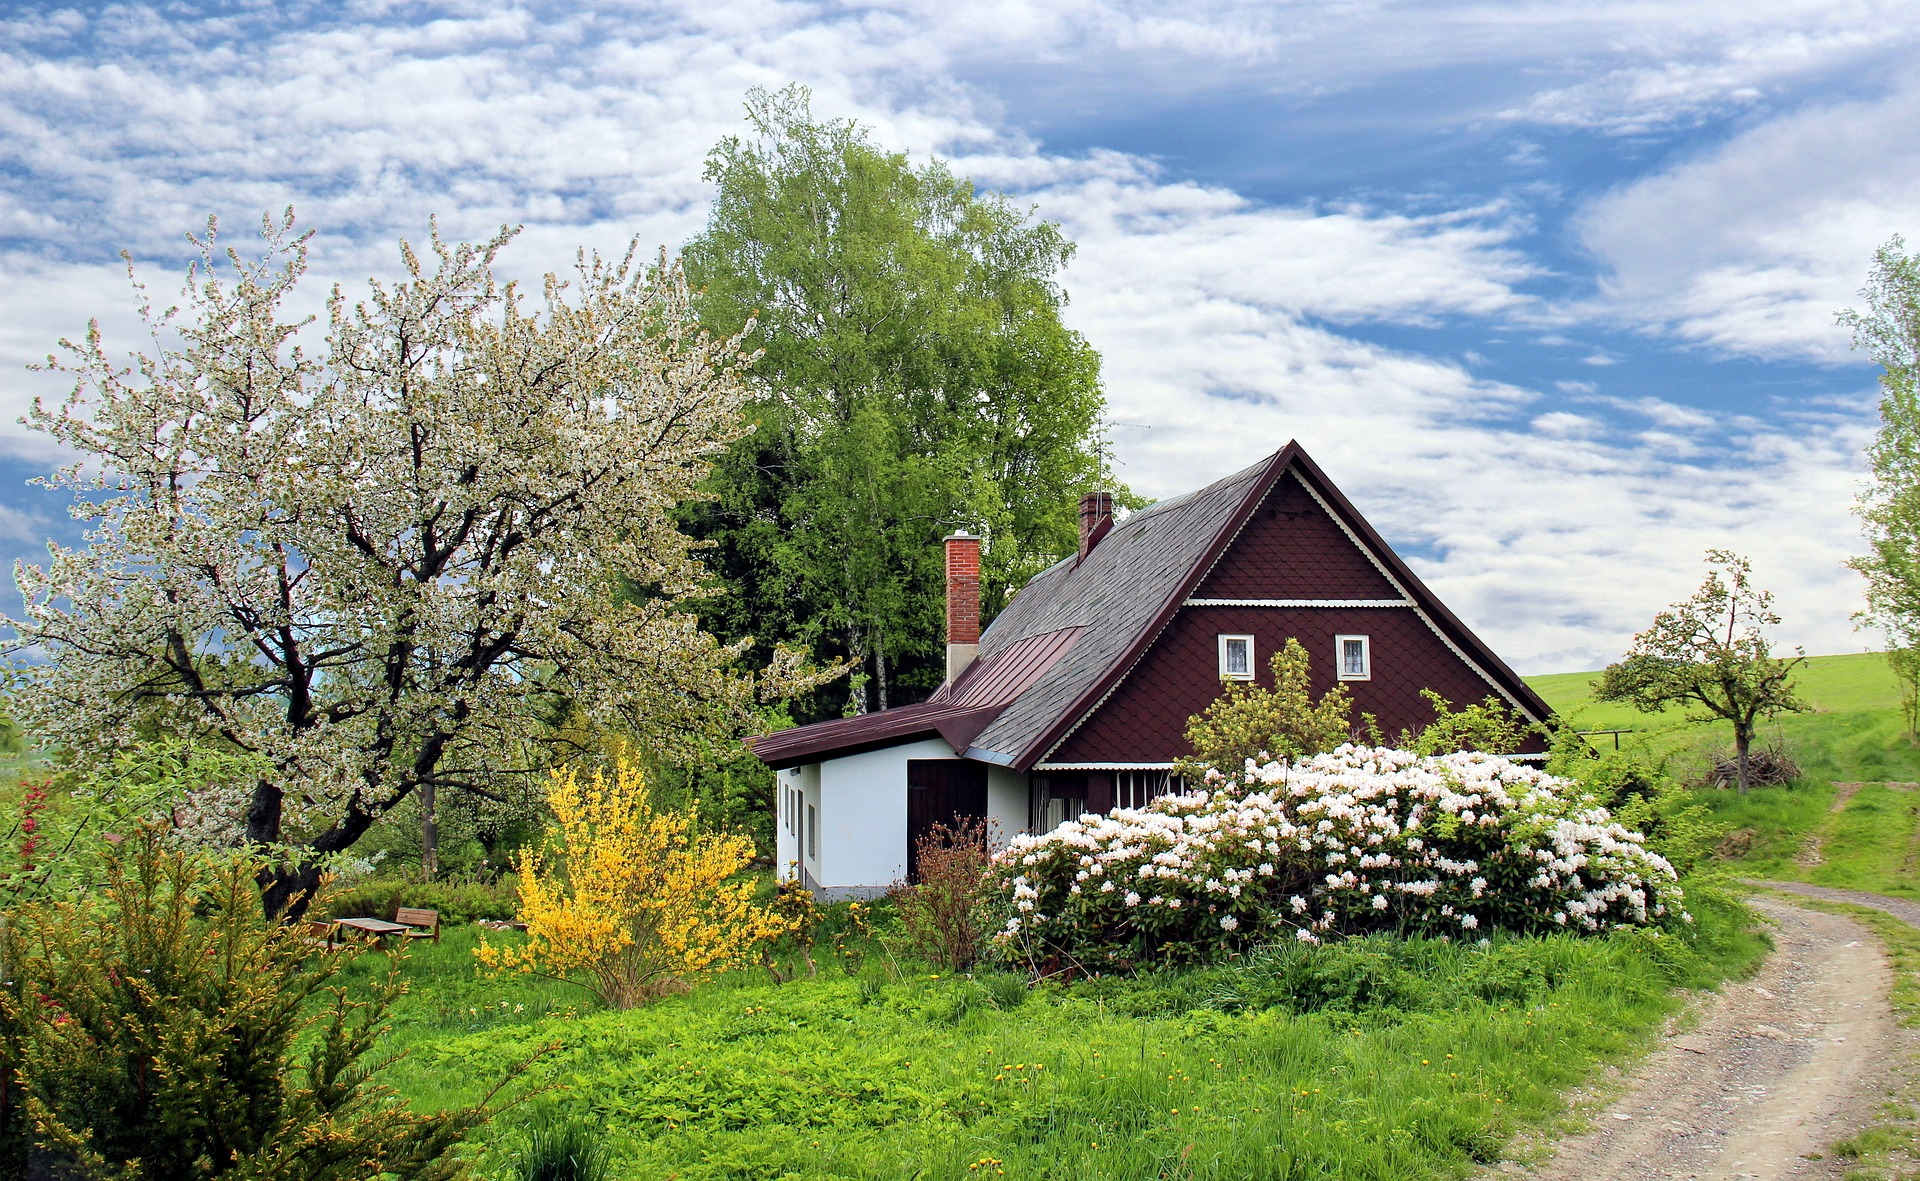 Leserprojekt – Was war zuerst, der Garten oder das Haus? – Teil 1von 2